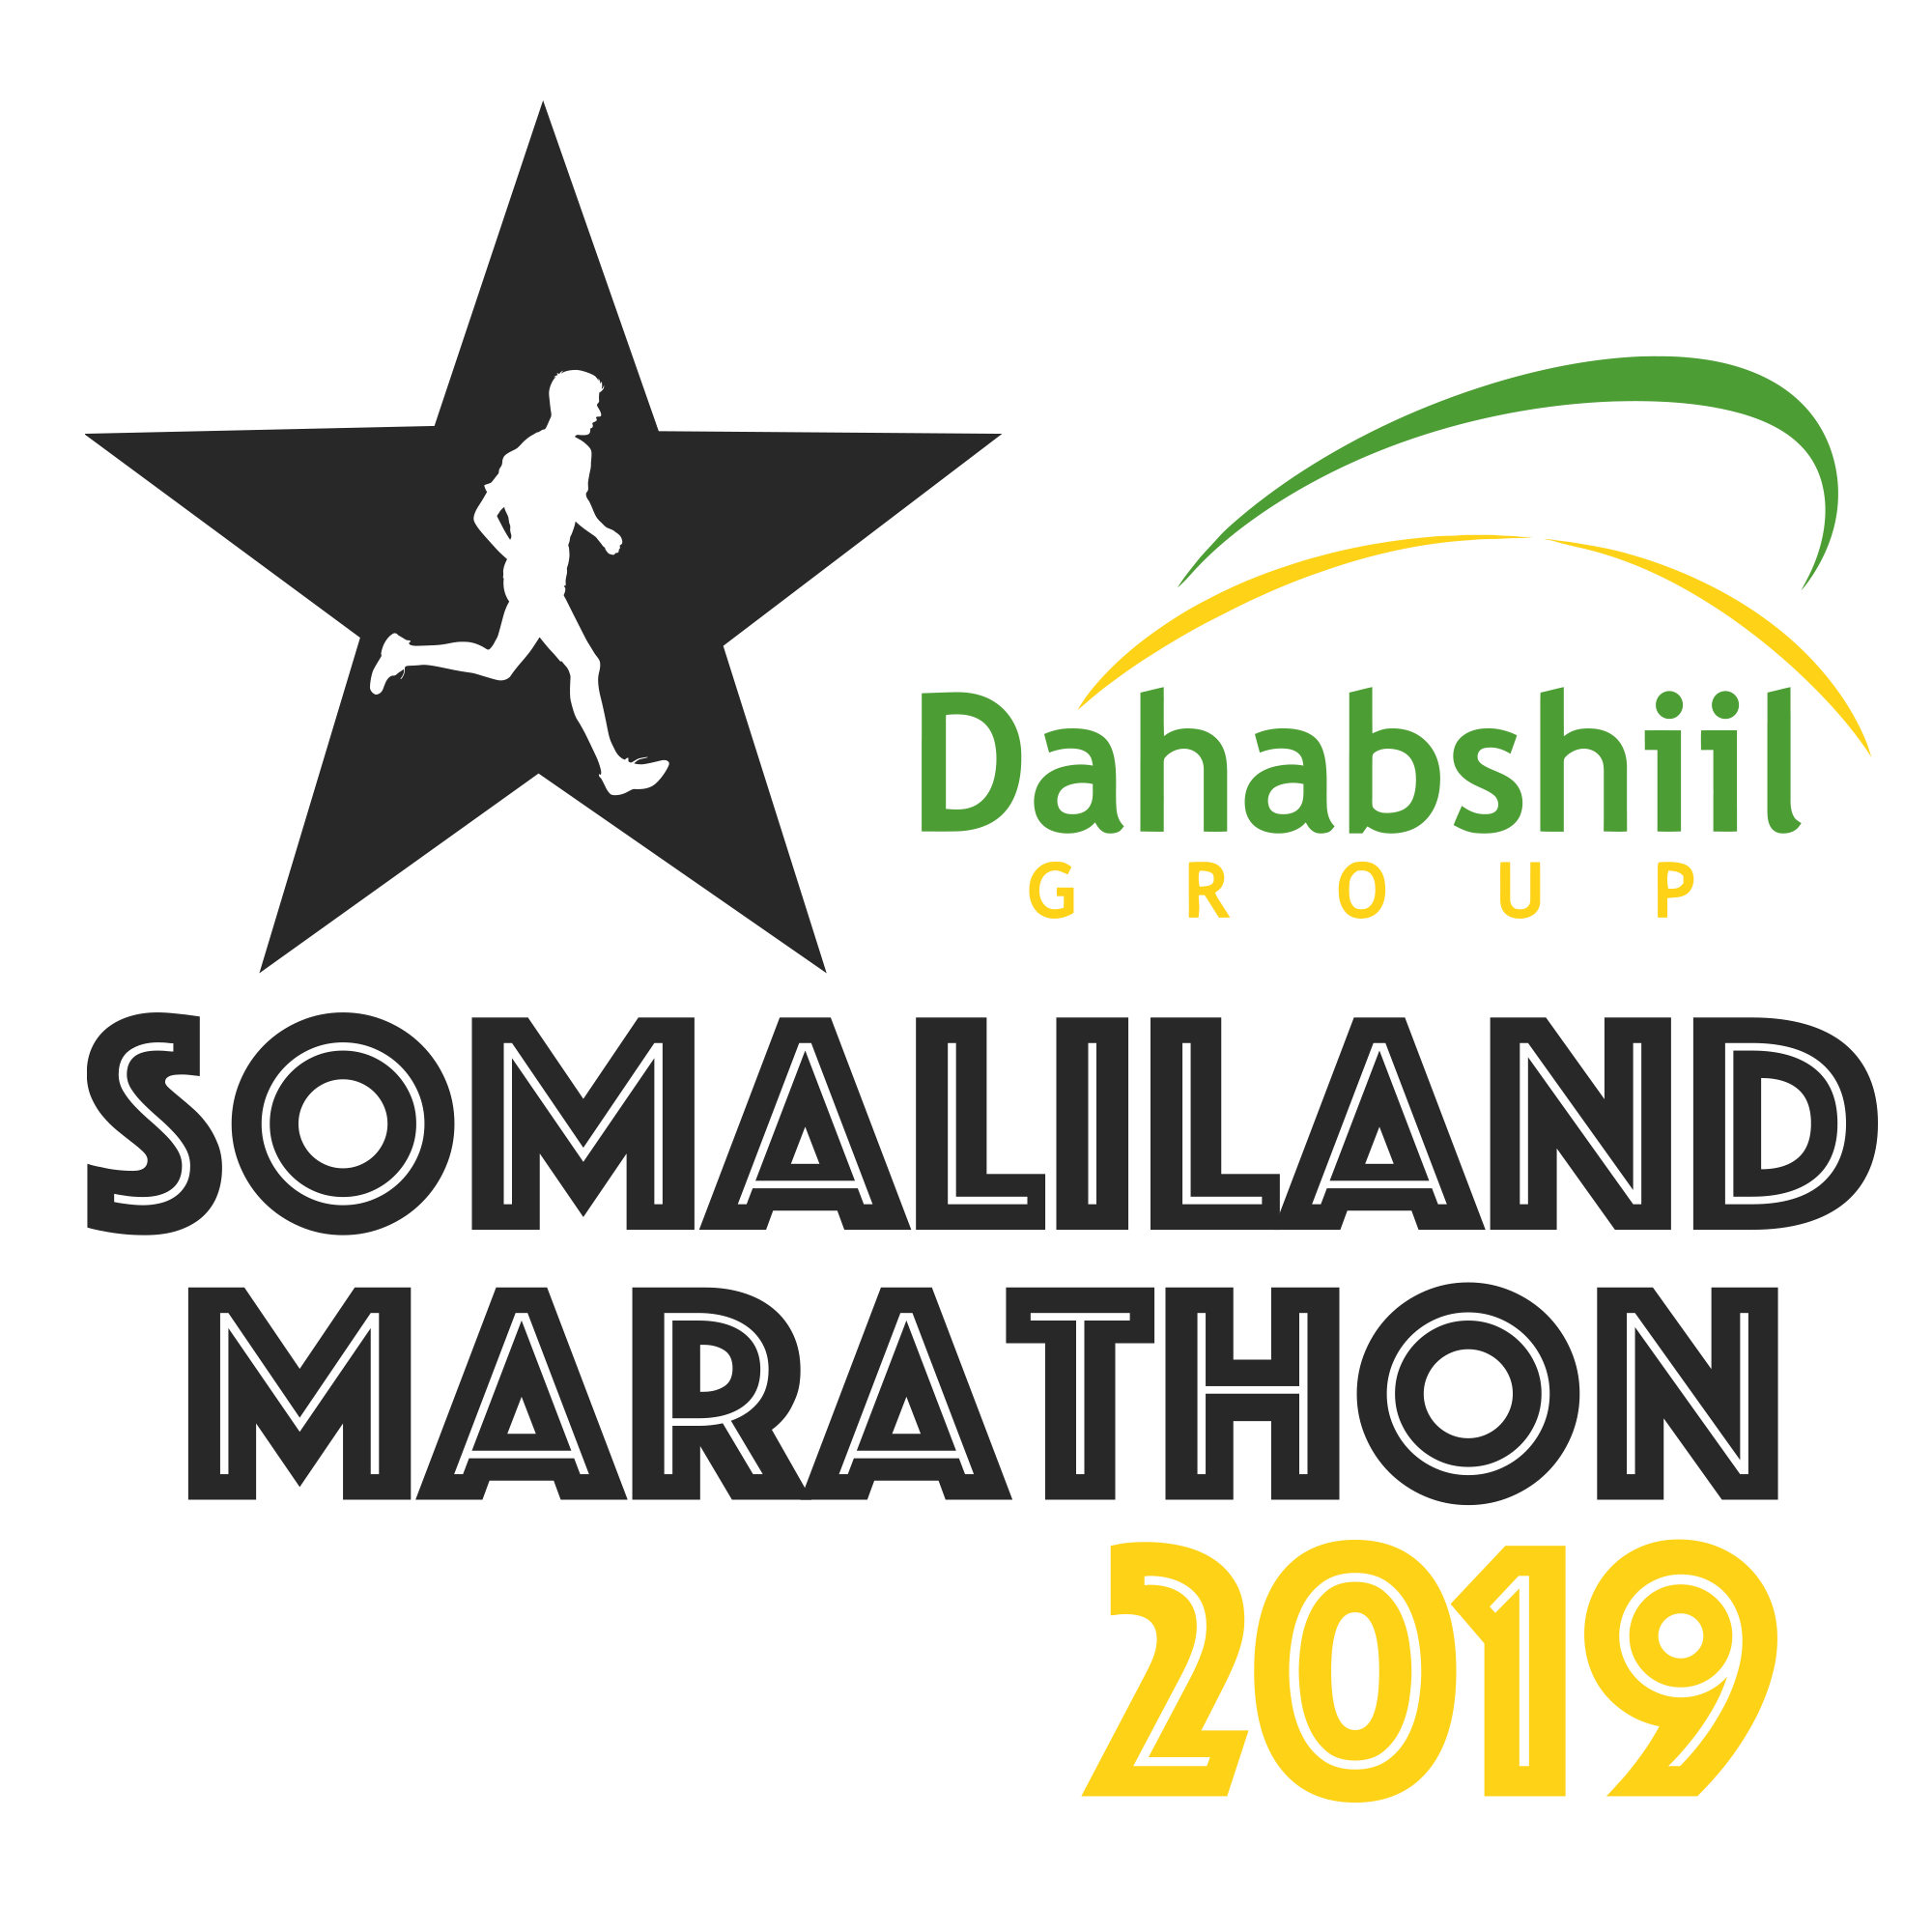 Dahabshiil Somaliland Marathon 2019